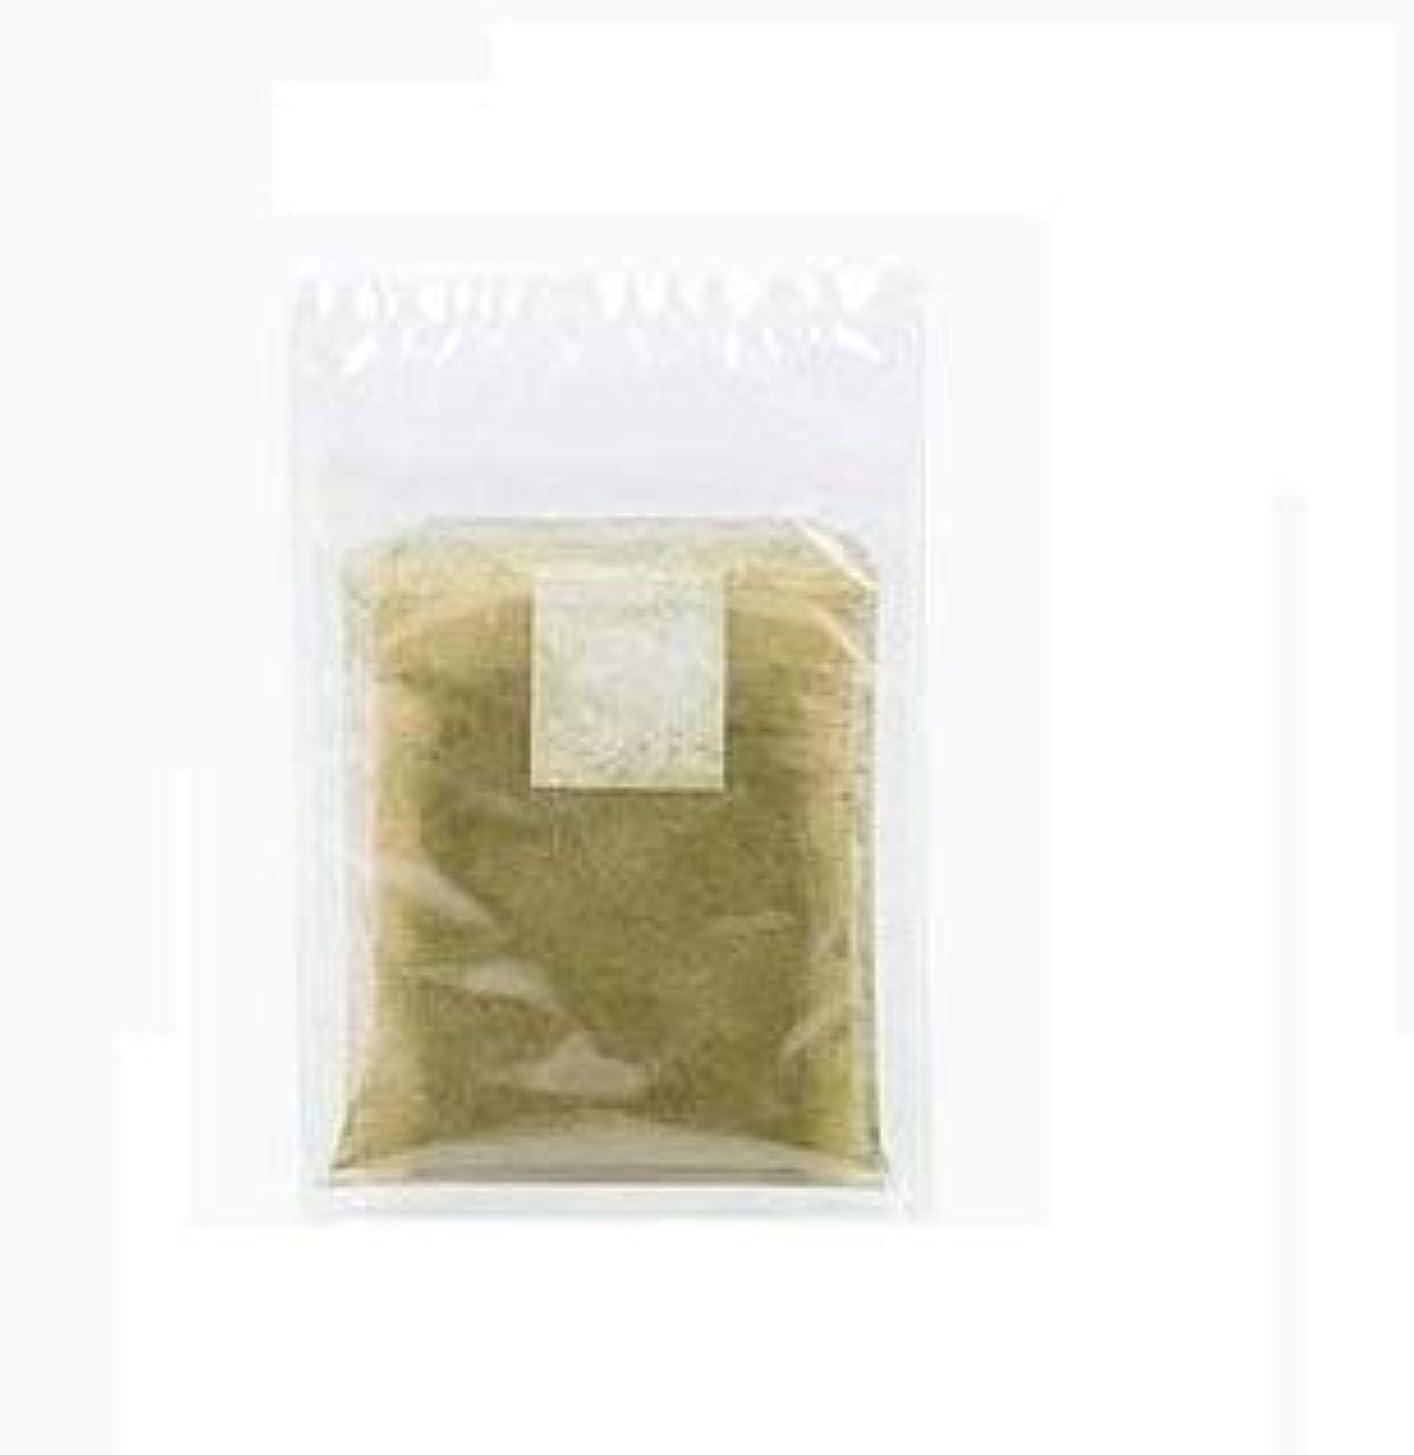 平らな微妙グローブメール便 美身麗茶 びしんれいちゃ 3g×15包 アップルティー味 ダイエット 健康茶 オーガニック デトックス スリム ヘルシー 美容 スリムボディ 日本製